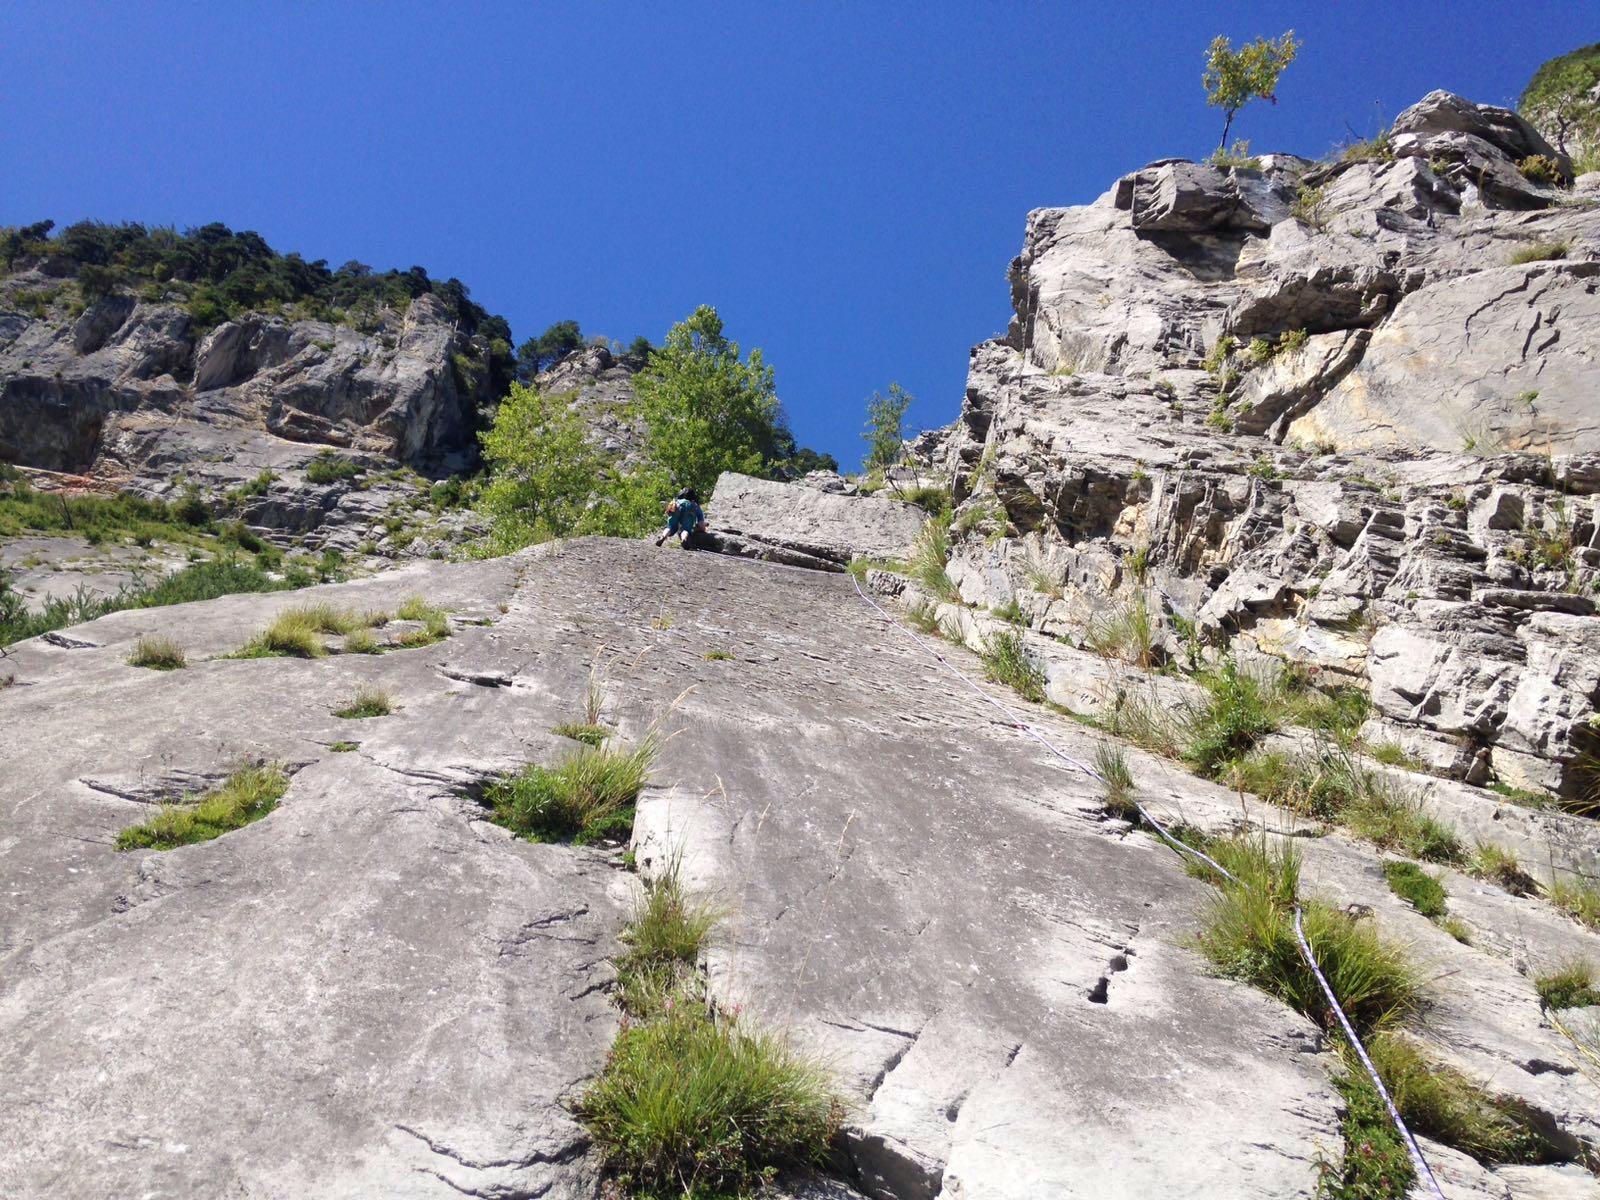 img_4482 – Kletterverein Seilbruch